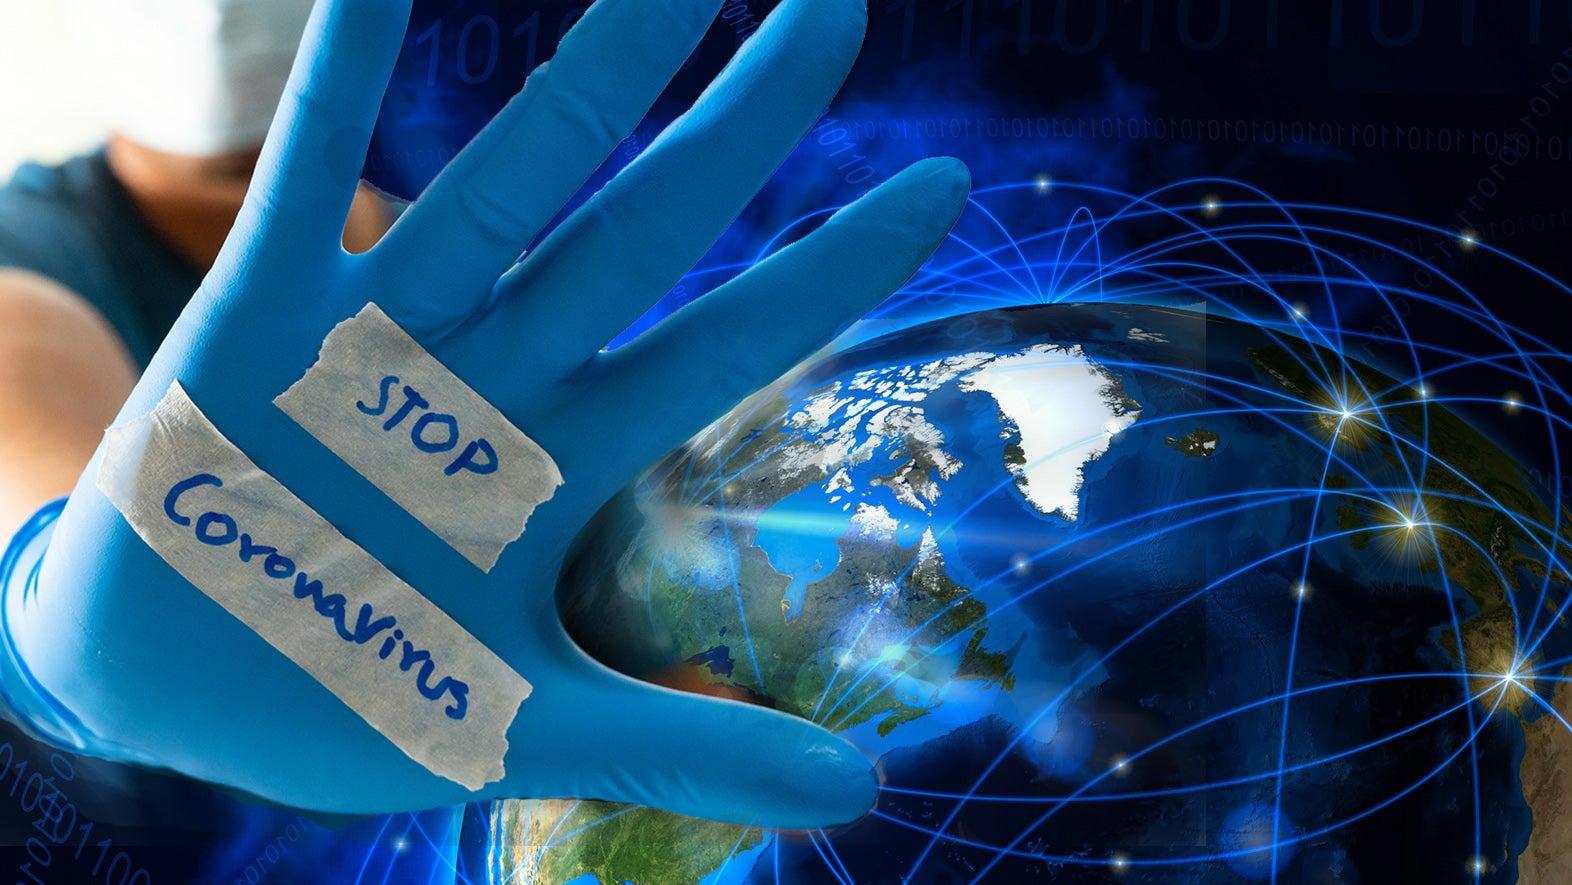 Corona auf dem Vormarsch: Wie betroffene Länder der Pandemie begegnen | The Weather Channel